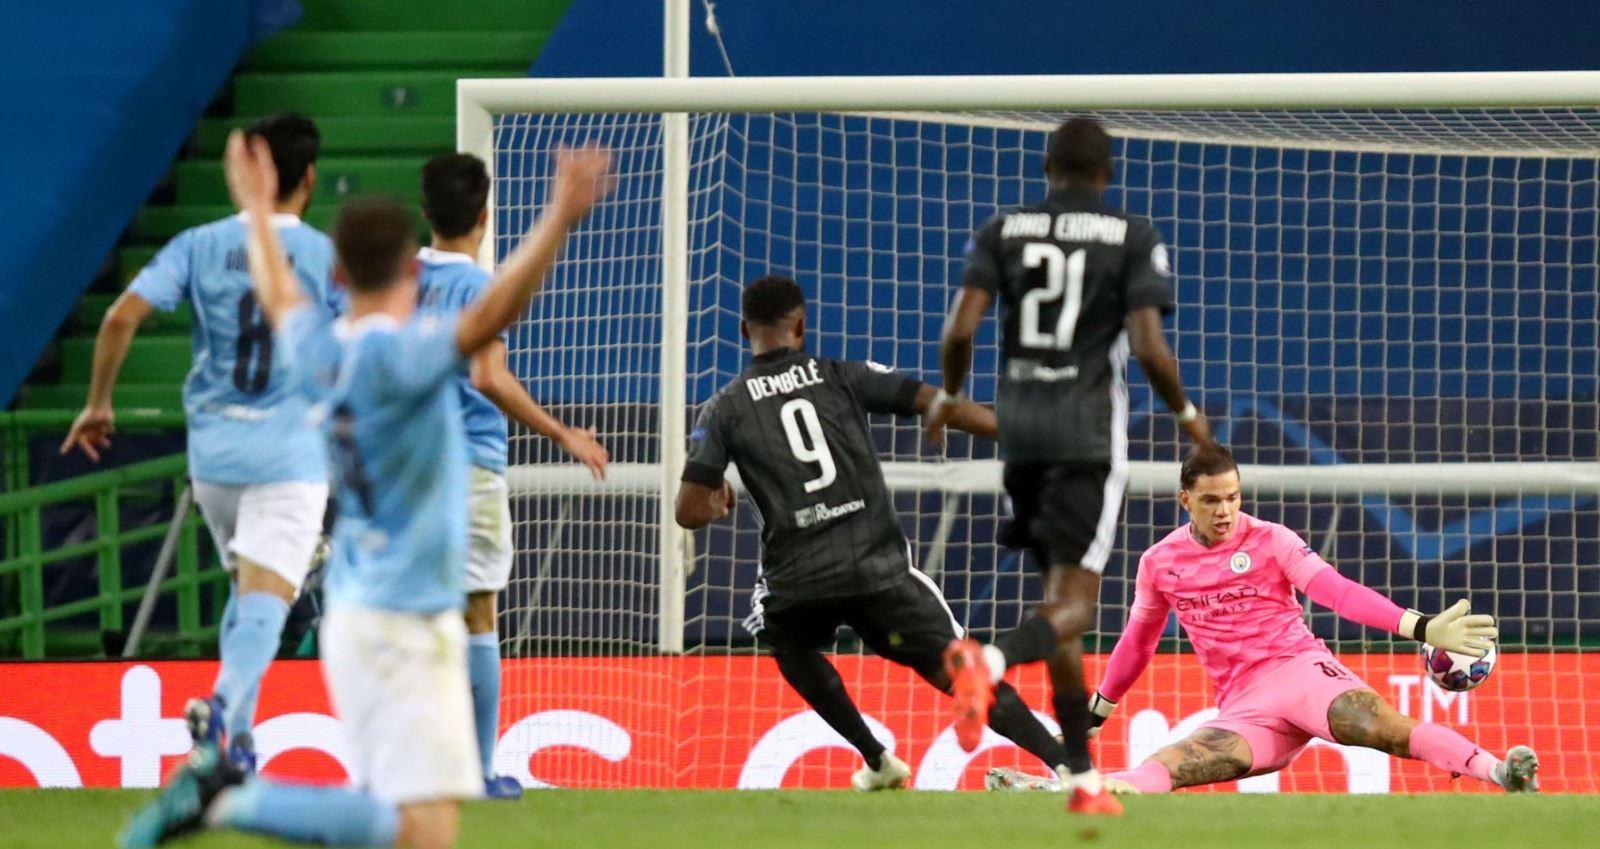 Man City vs Lyon, kết quả bóng đá, kết quả Man City vs Lyon, man city, lyon, xem trực tiếp bóng đá, lịch thi đấu bóng đá, Cúp C1, Champions League